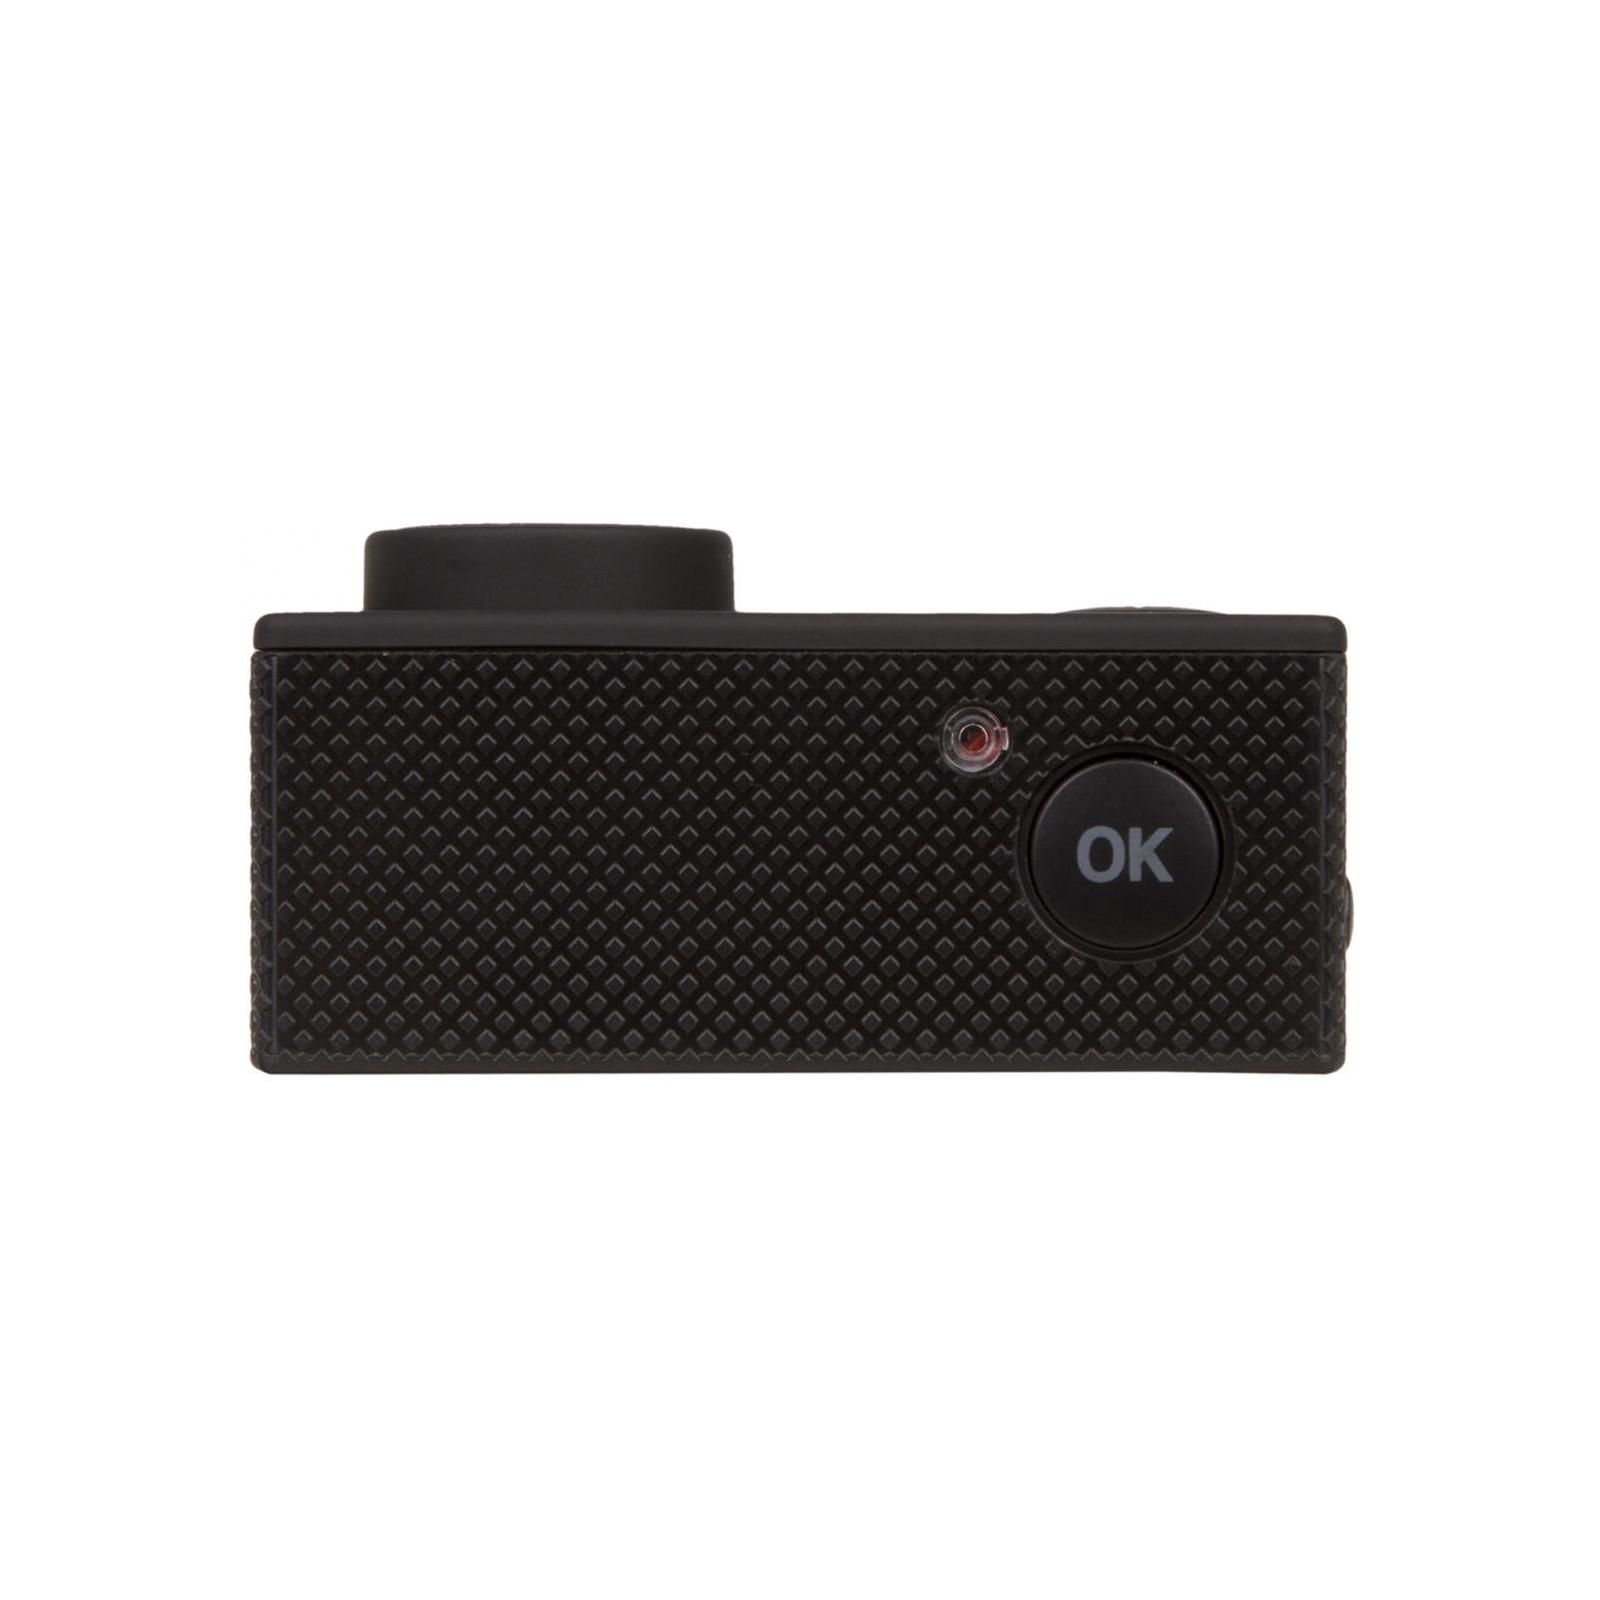 Экшн-камера AirOn Simple Full HD black (4822356754471) изображение 6